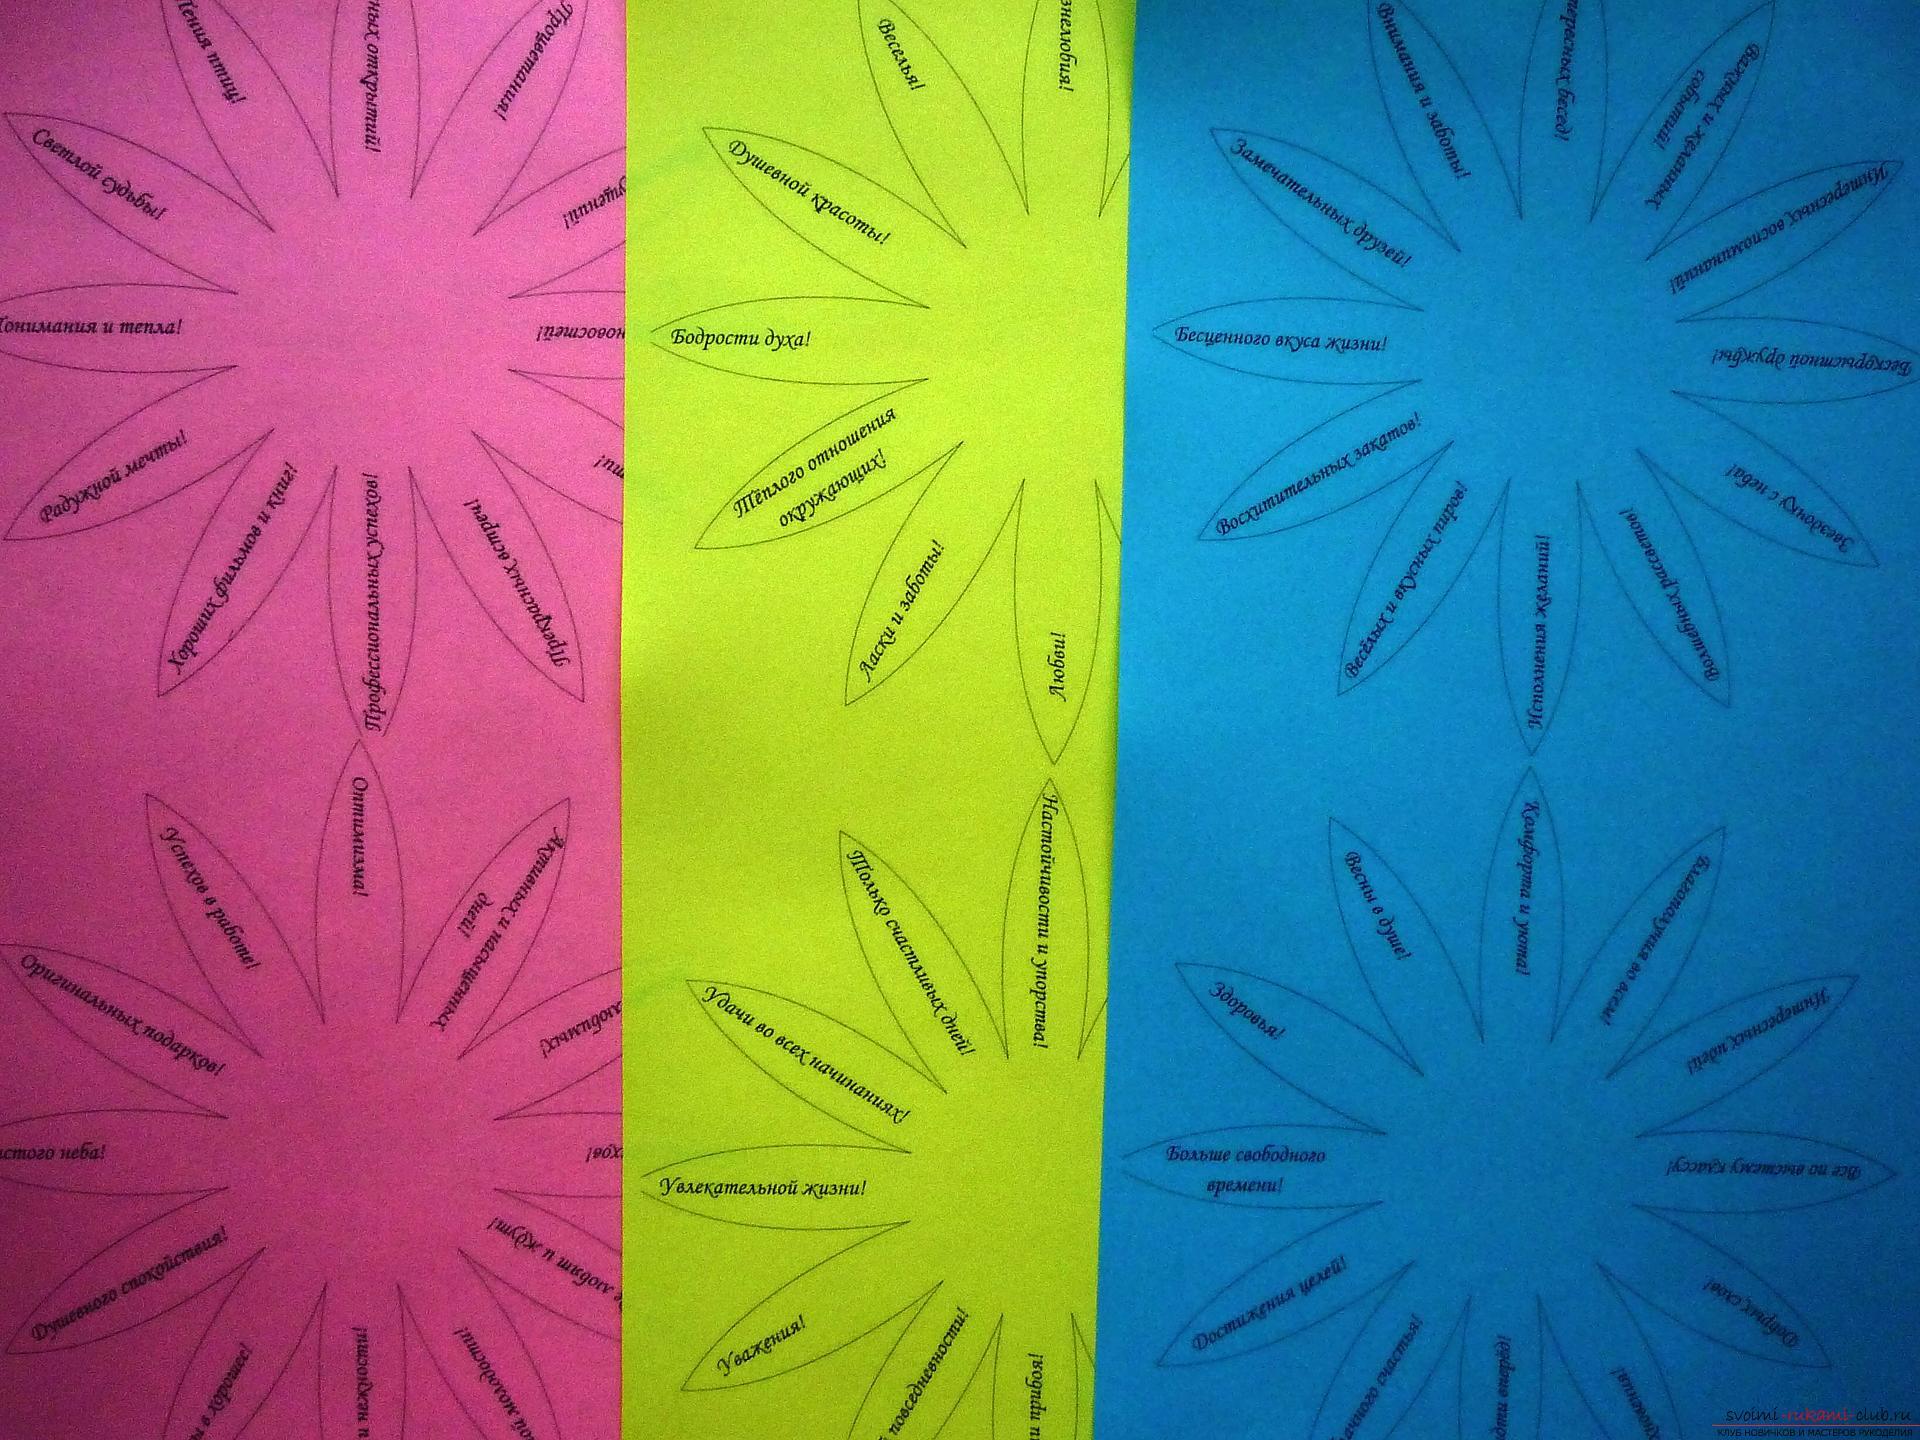 Этот подробный мастер-класс поделки из бумаги своими руками с фото и описанием научит как сделать ромашку с пожеланиями.. Фото №12